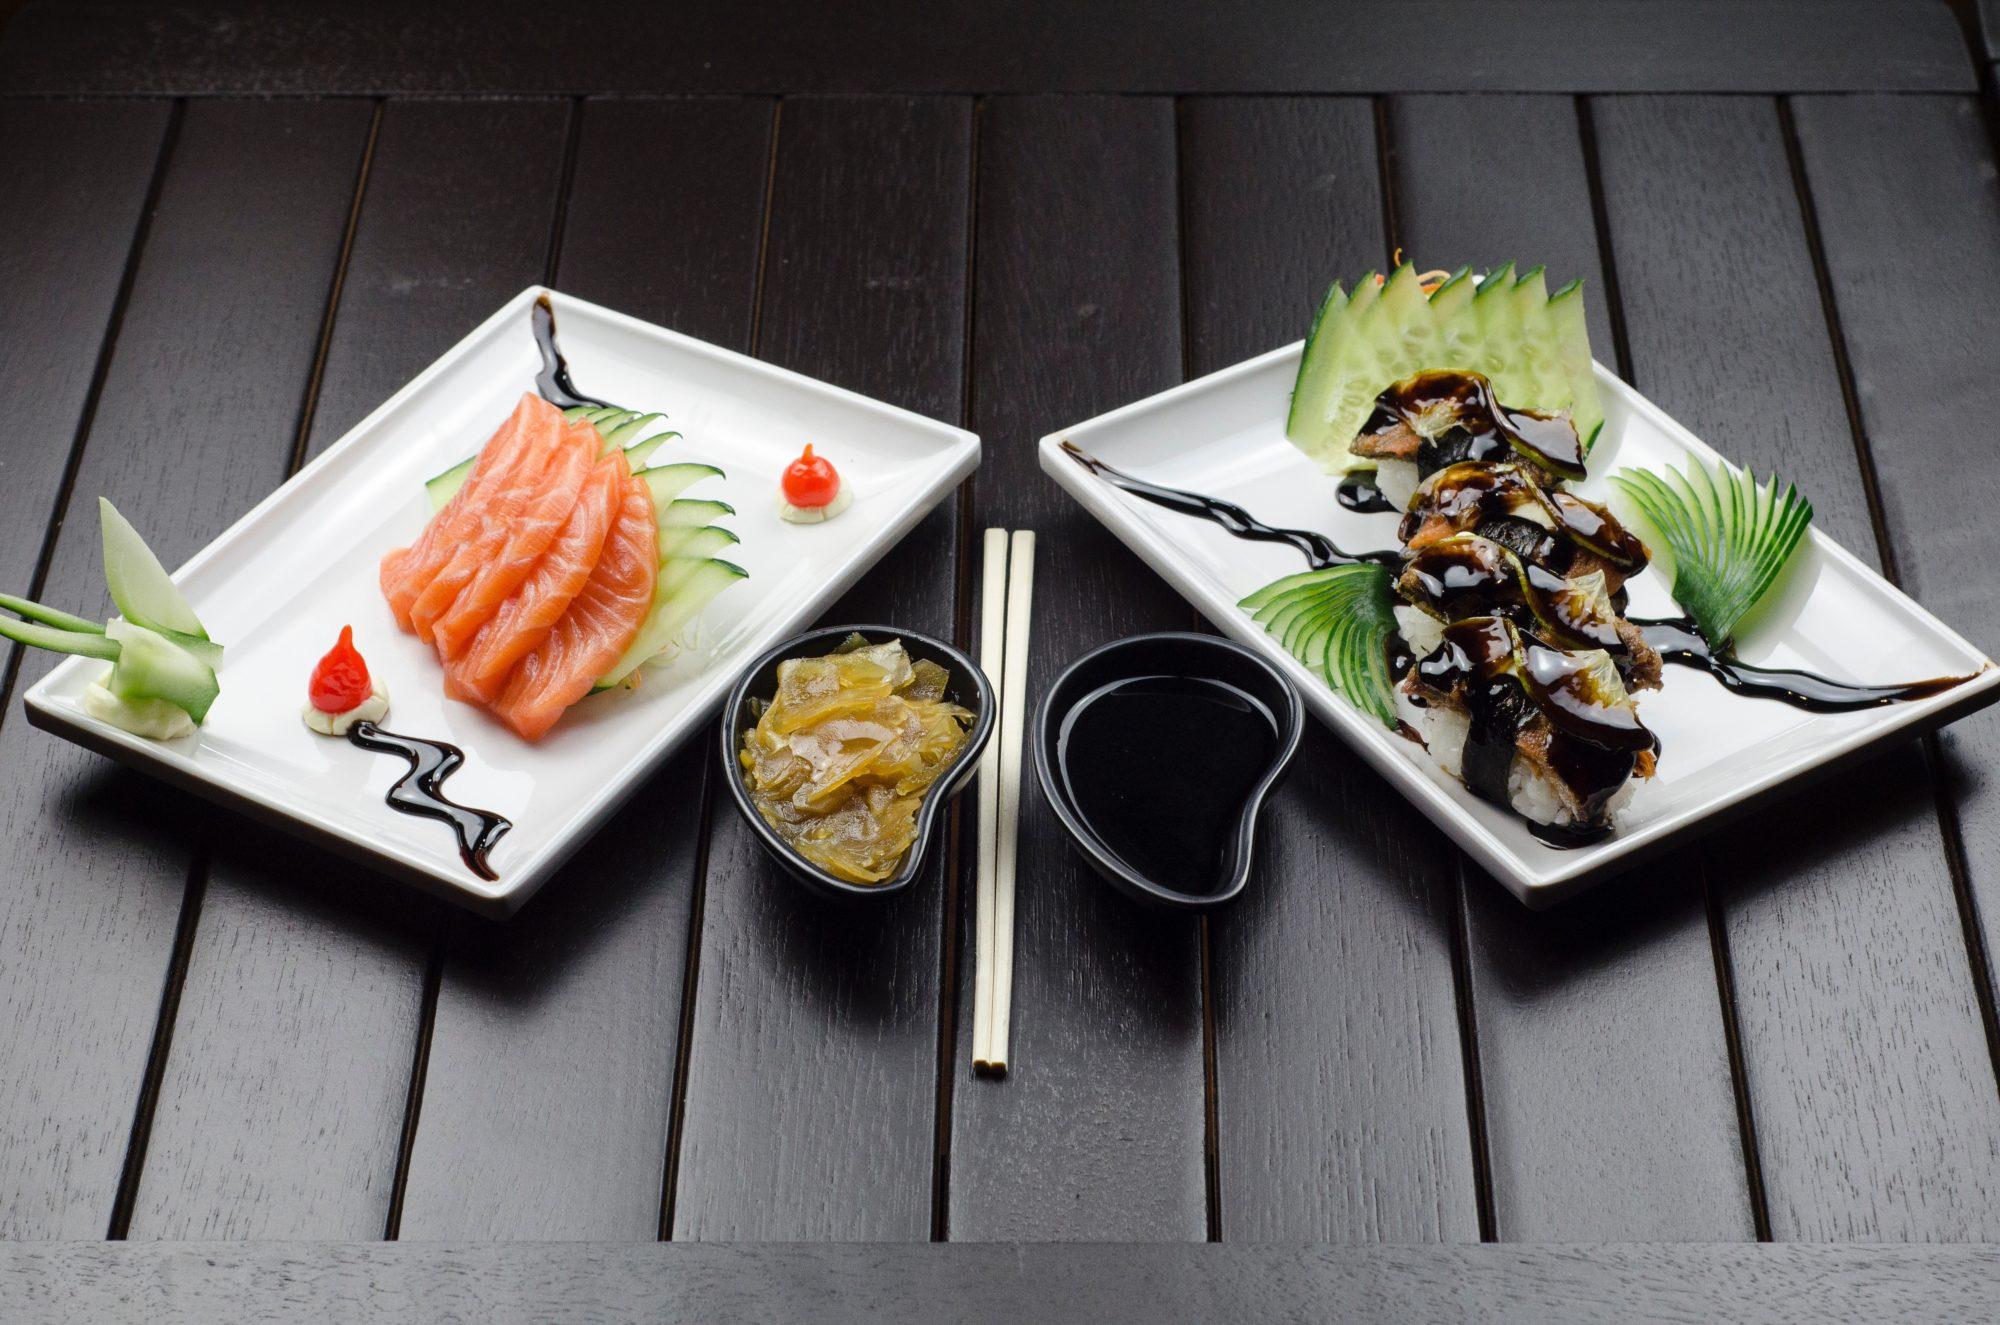 longevitylive.com - Pie Mulumba - Okinawa Diet: The Japanese Longevity Diet